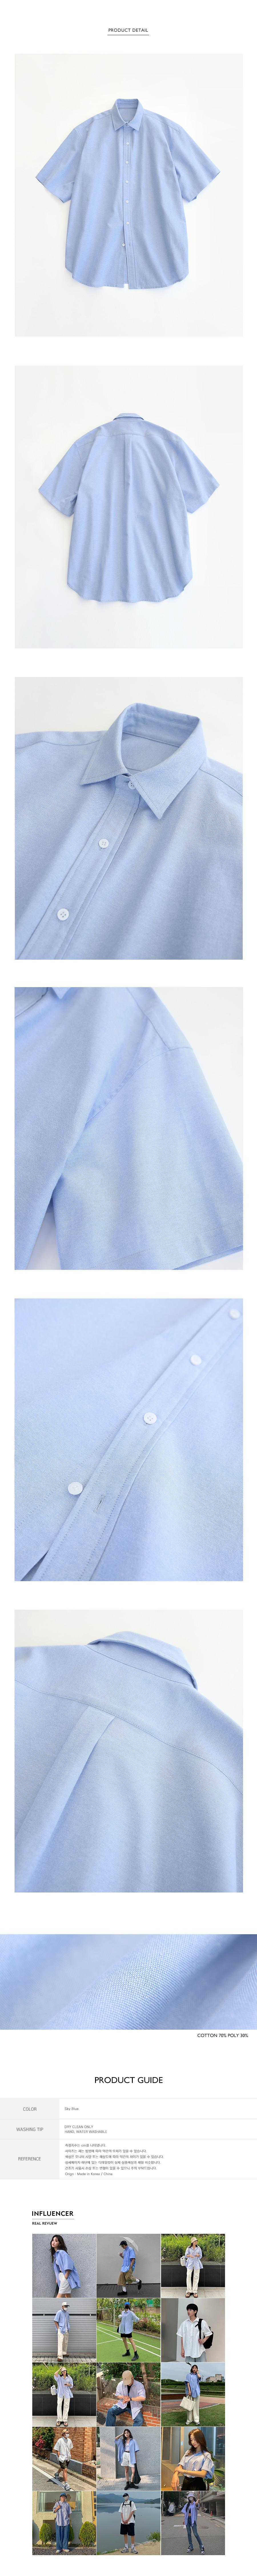 라퍼지스토어(LAFUDGESTORE) 시티보이 빅오버 옥스포드 반팔 셔츠_Sky Blue